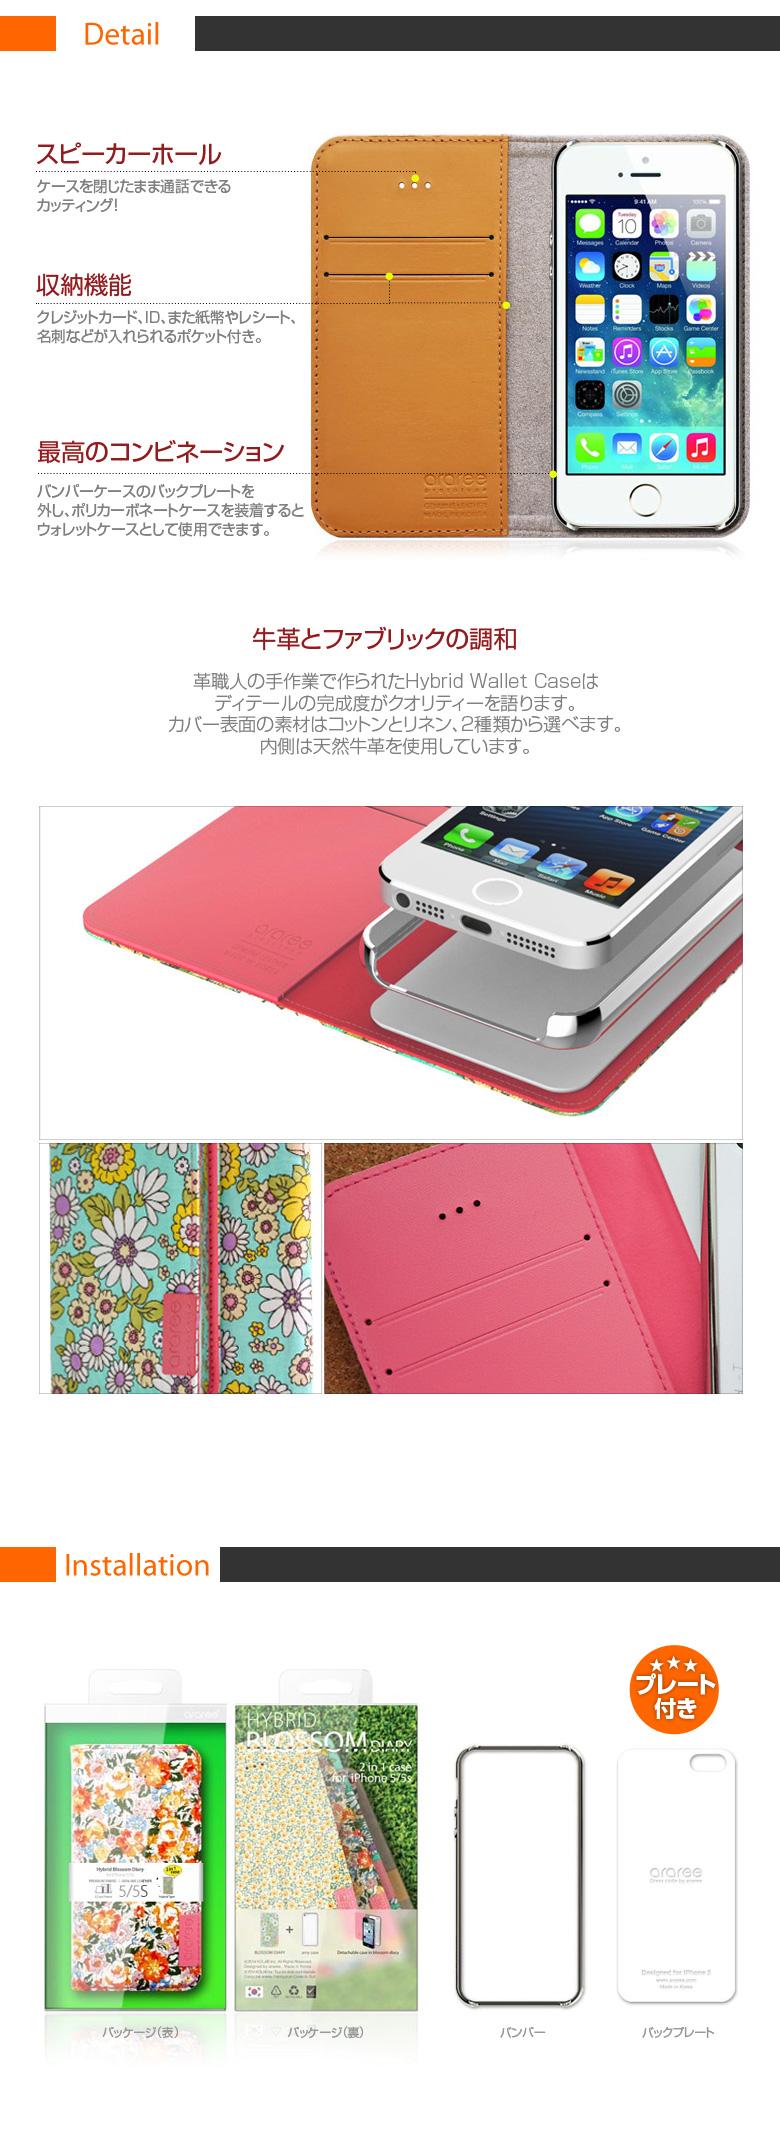 商品詳細iPhone5/5s ケースBlossom Diary (ブロッサムダイアリー)